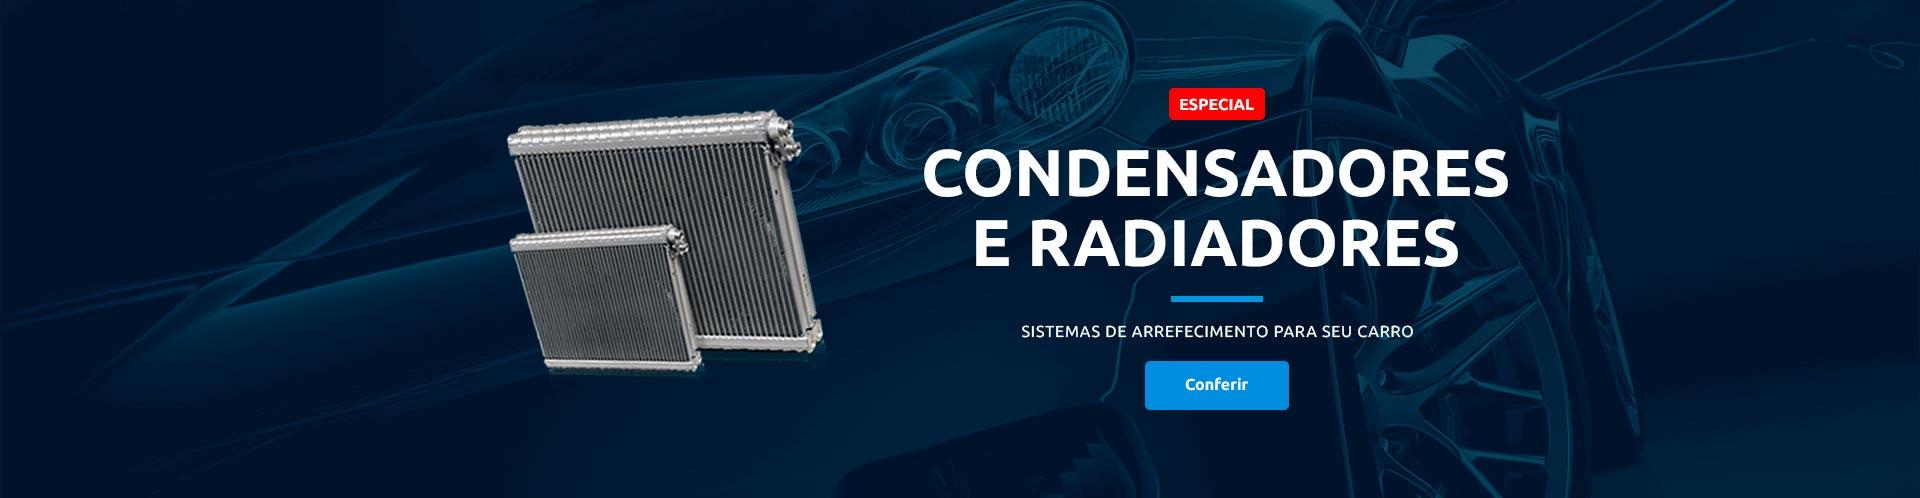 Categoria Condensadores e radiadores